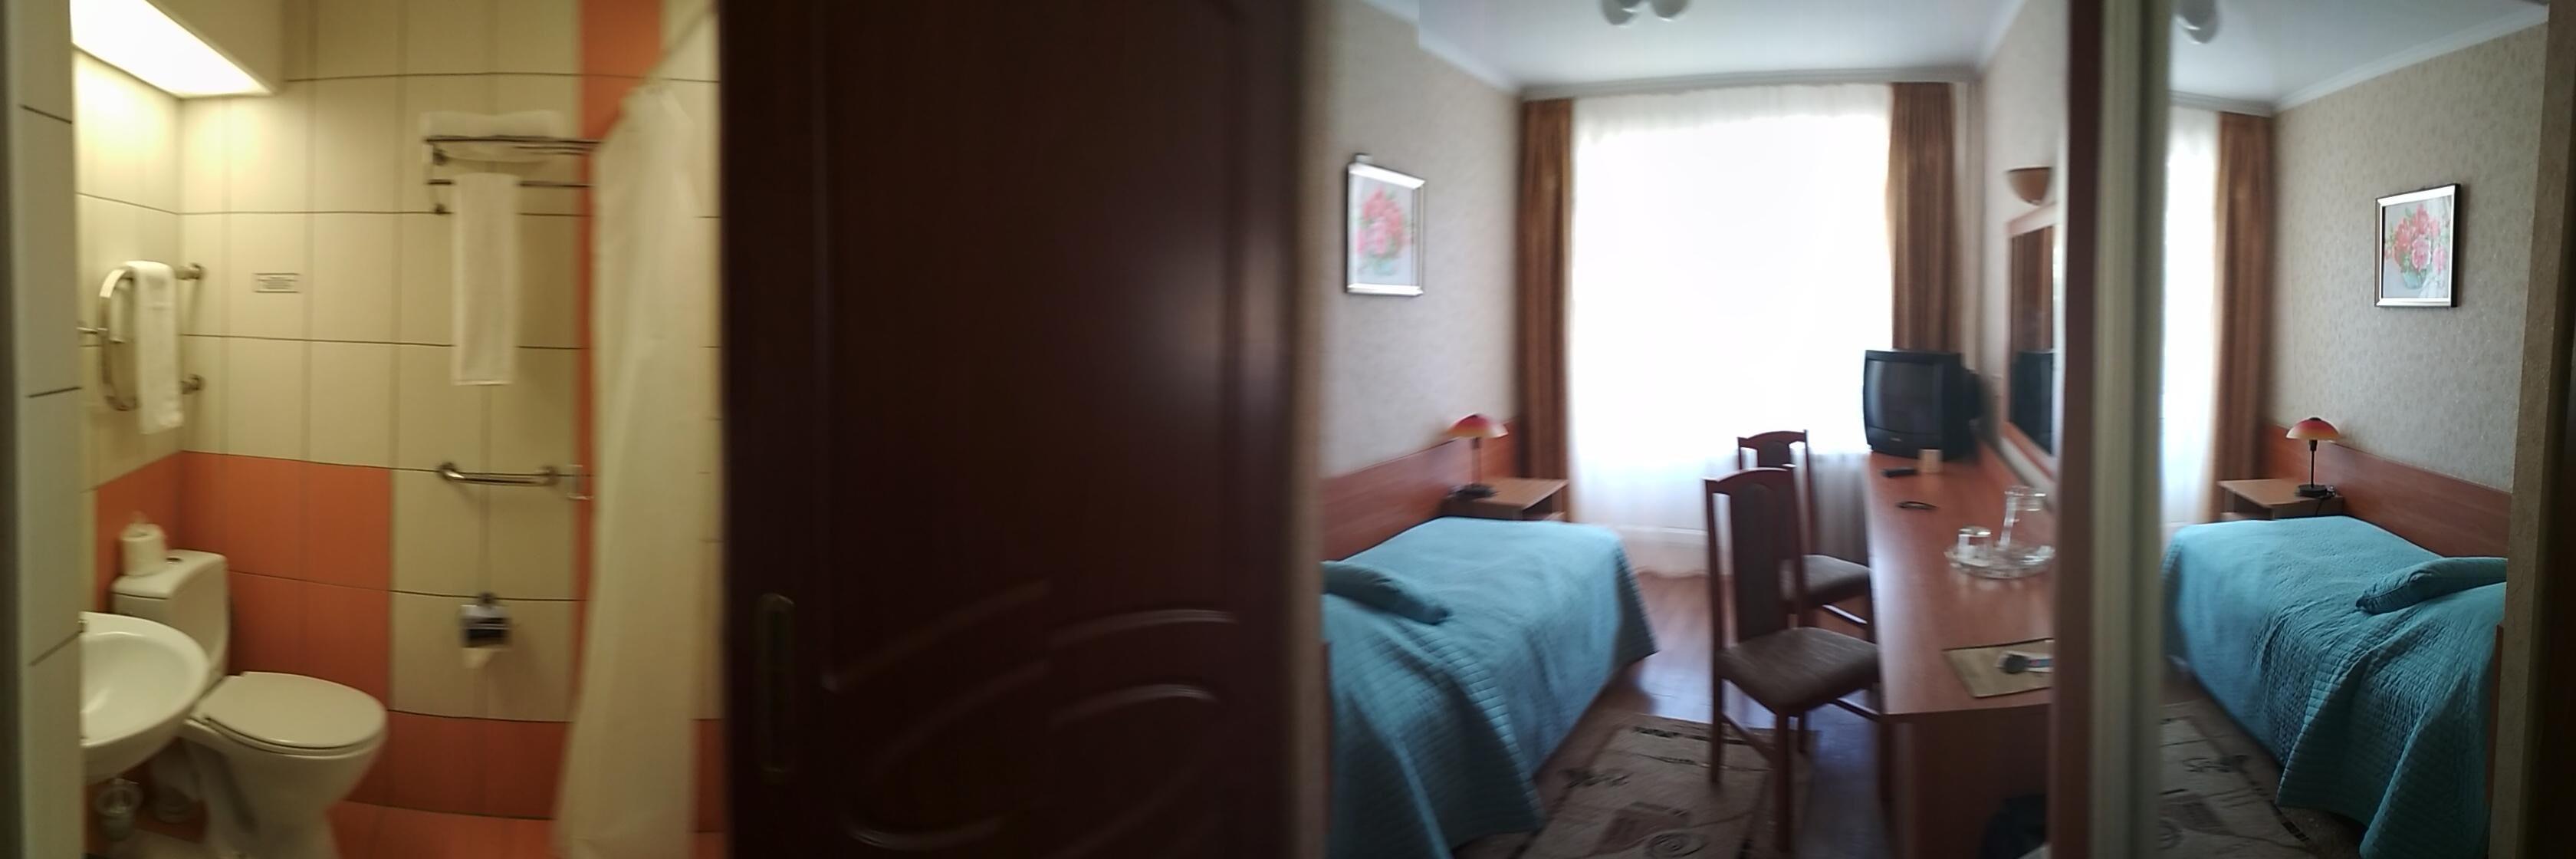 Волна, гостиничный комплекс - №1